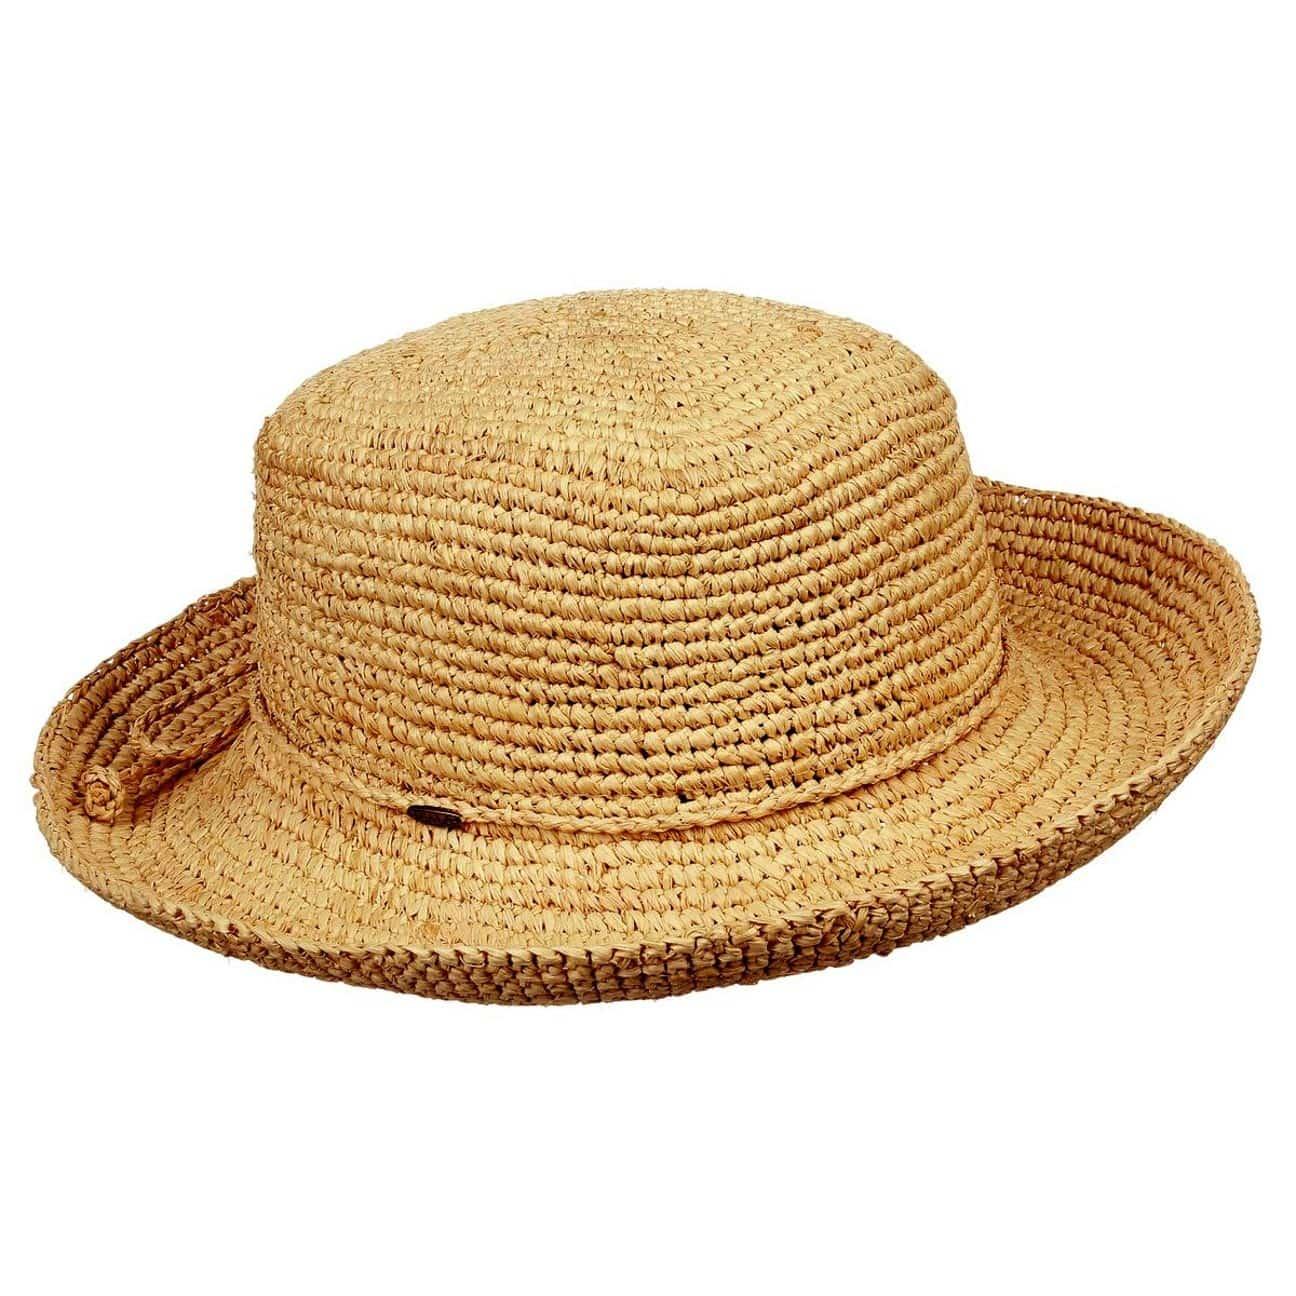 Sombrero de Mujer de Rafia de Crochet - Sombreros - sombreroshop.es 650a54fddaf